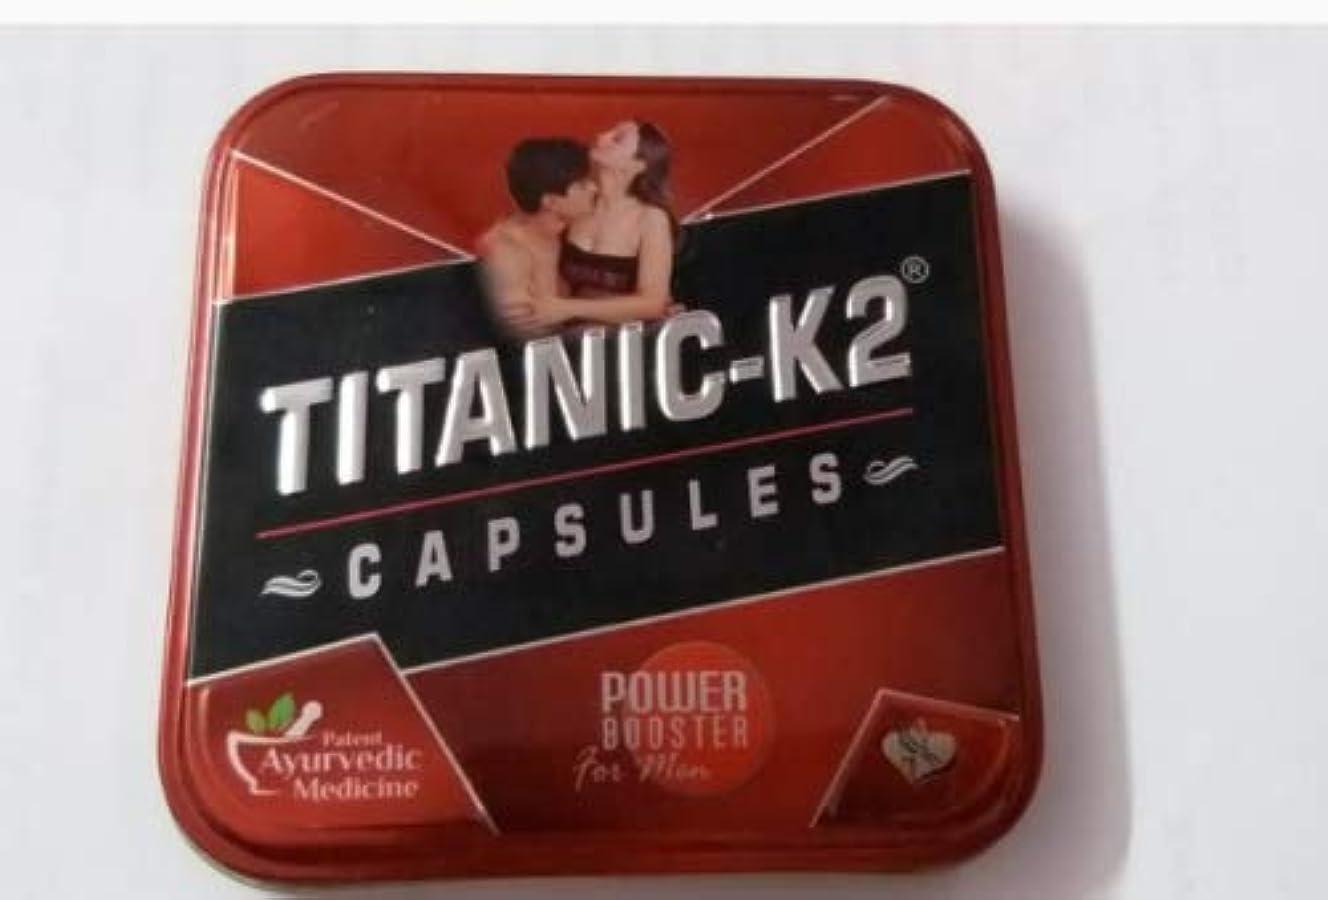 浸漬かわいらしいレキシコンHerbal Titanic K2 6 Caps. pack power booster sex drive for men blend of herbs 男性のためのパックパワーブースターセックスドライブハーブのブレンド